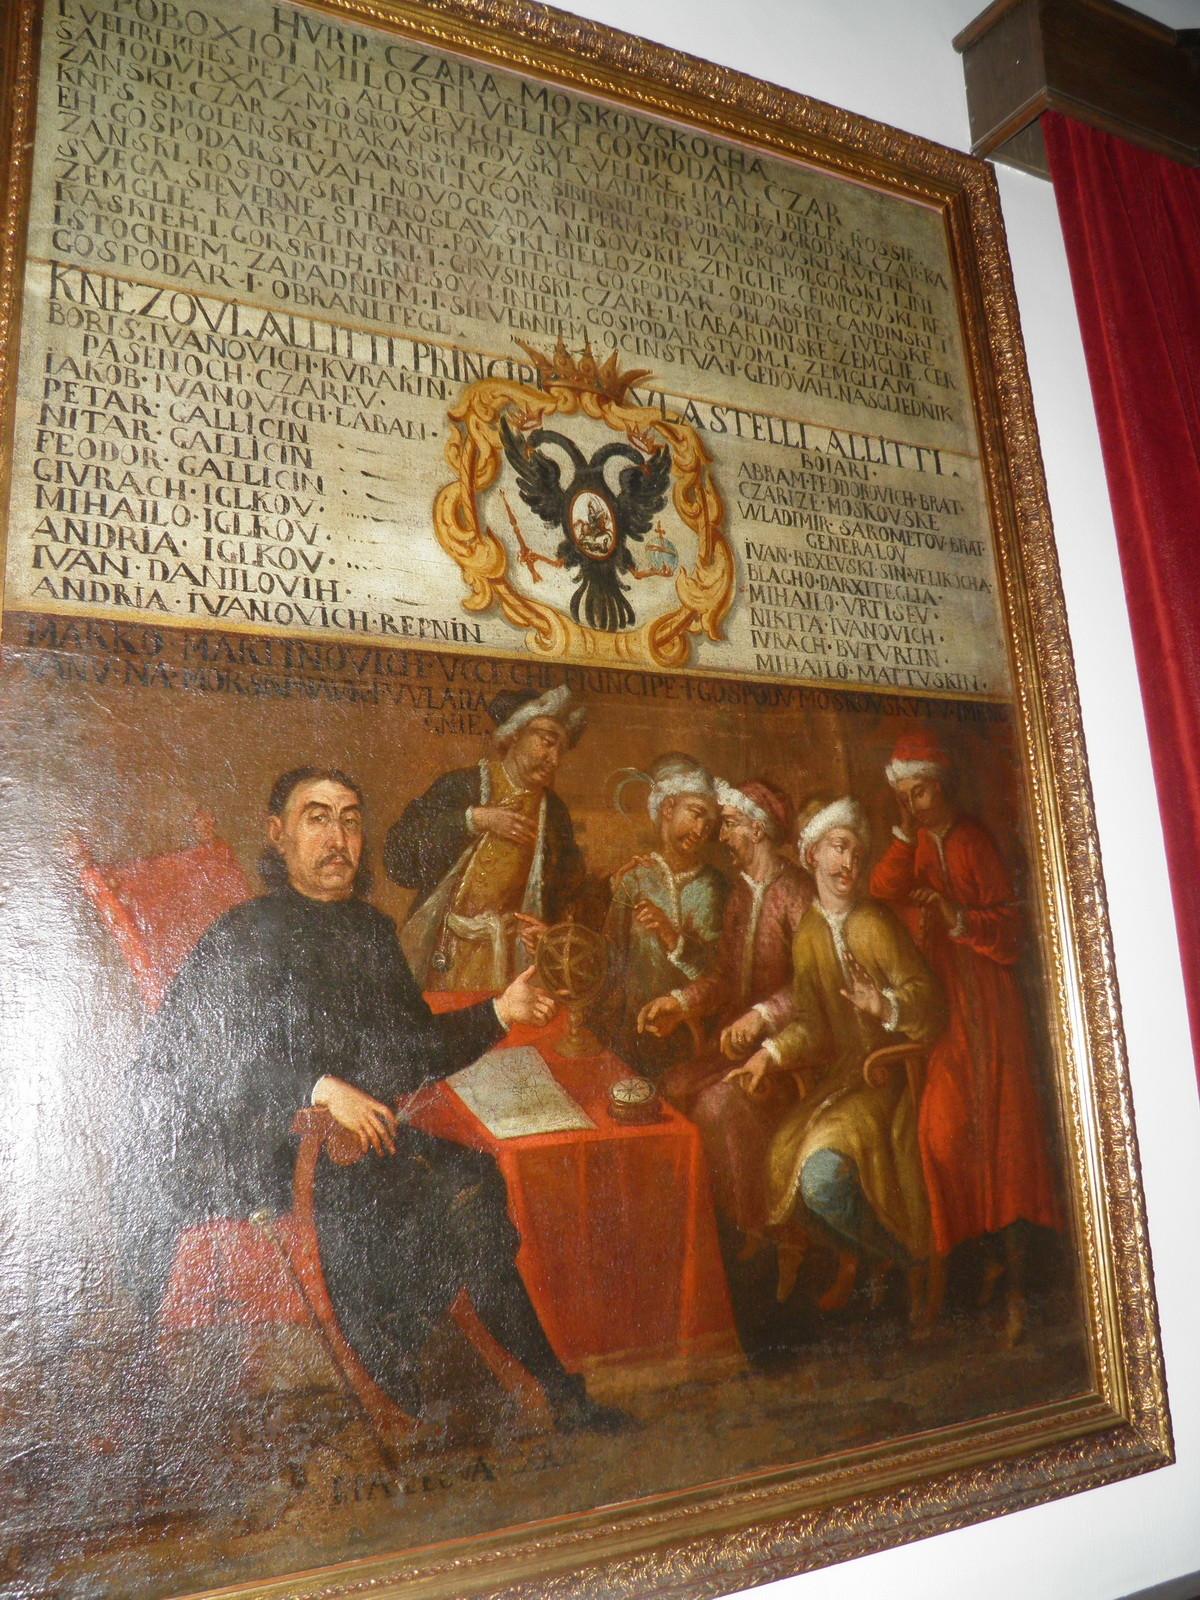 Слика у музеју Пераста: Марко Мартиновић подучава руске бојаре и кнежеве